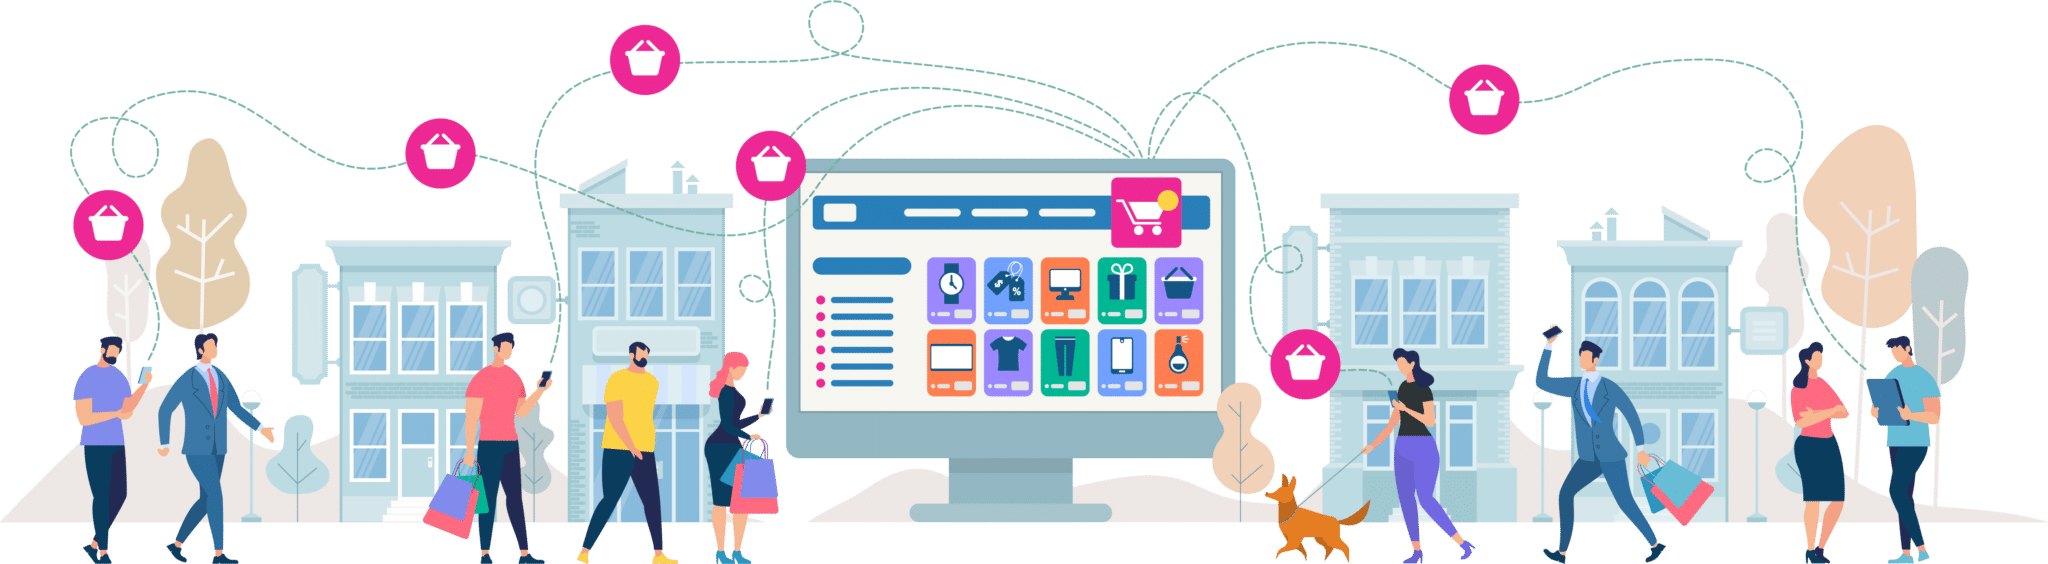 e-commerce business ventes en ligne